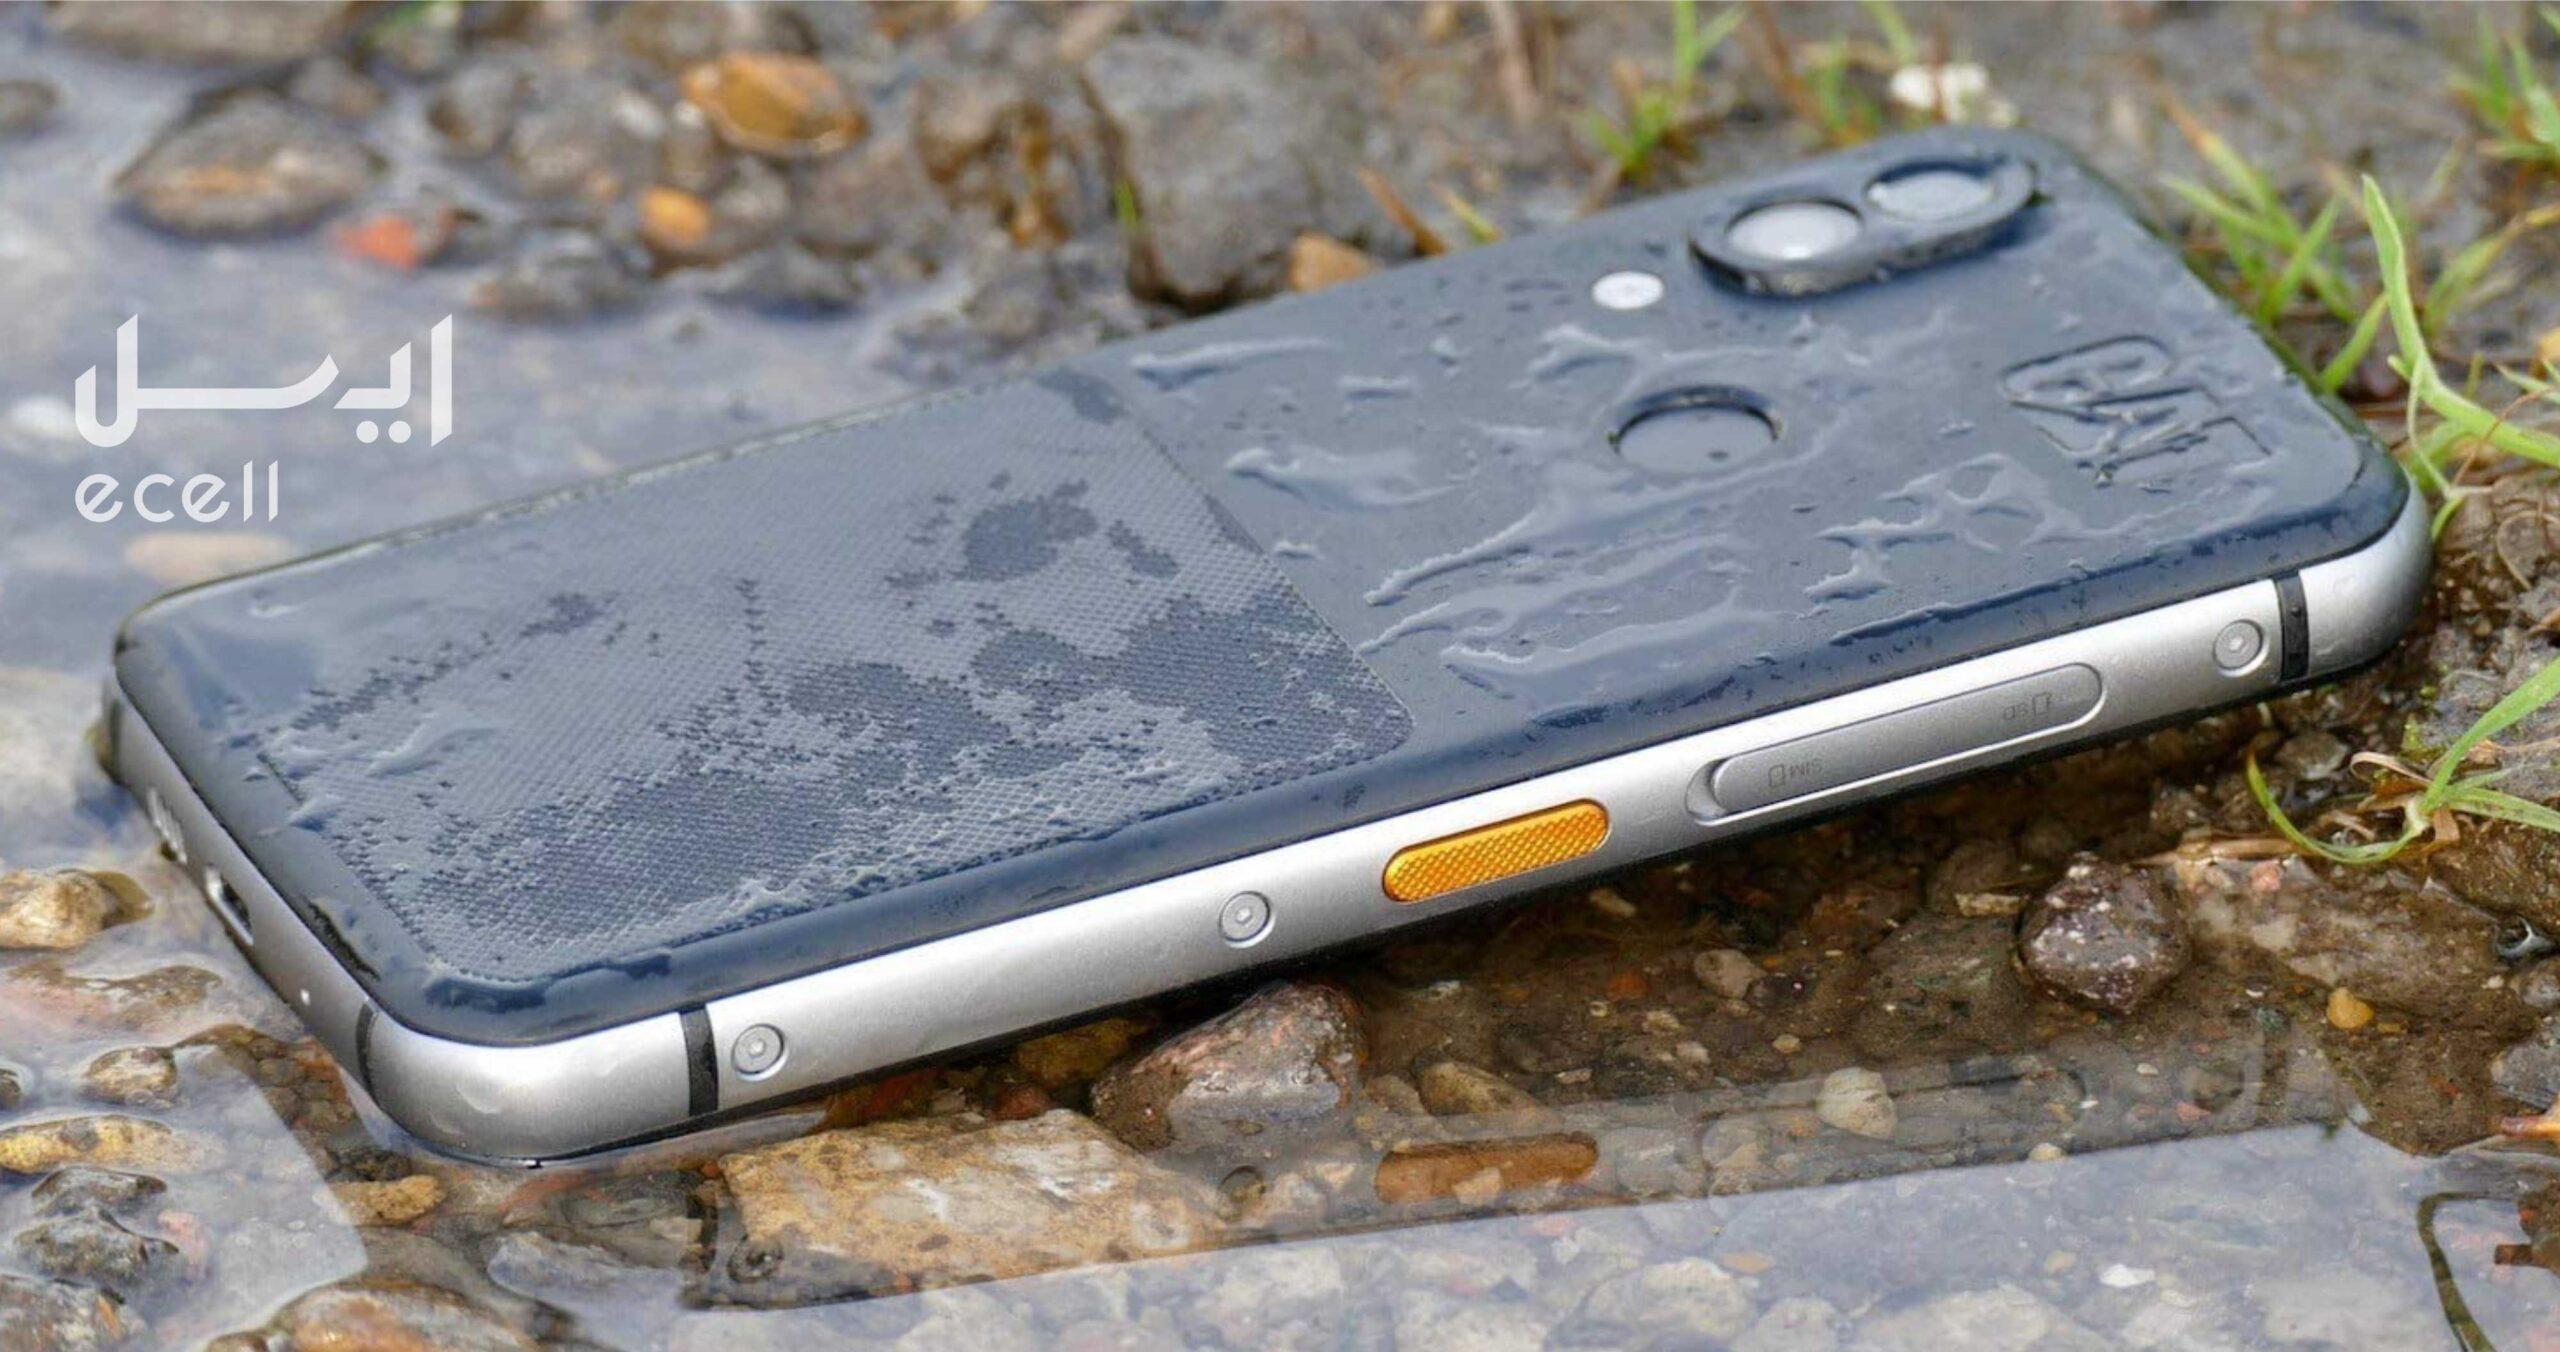 جان سخت ترین گوشیهای هوشمند